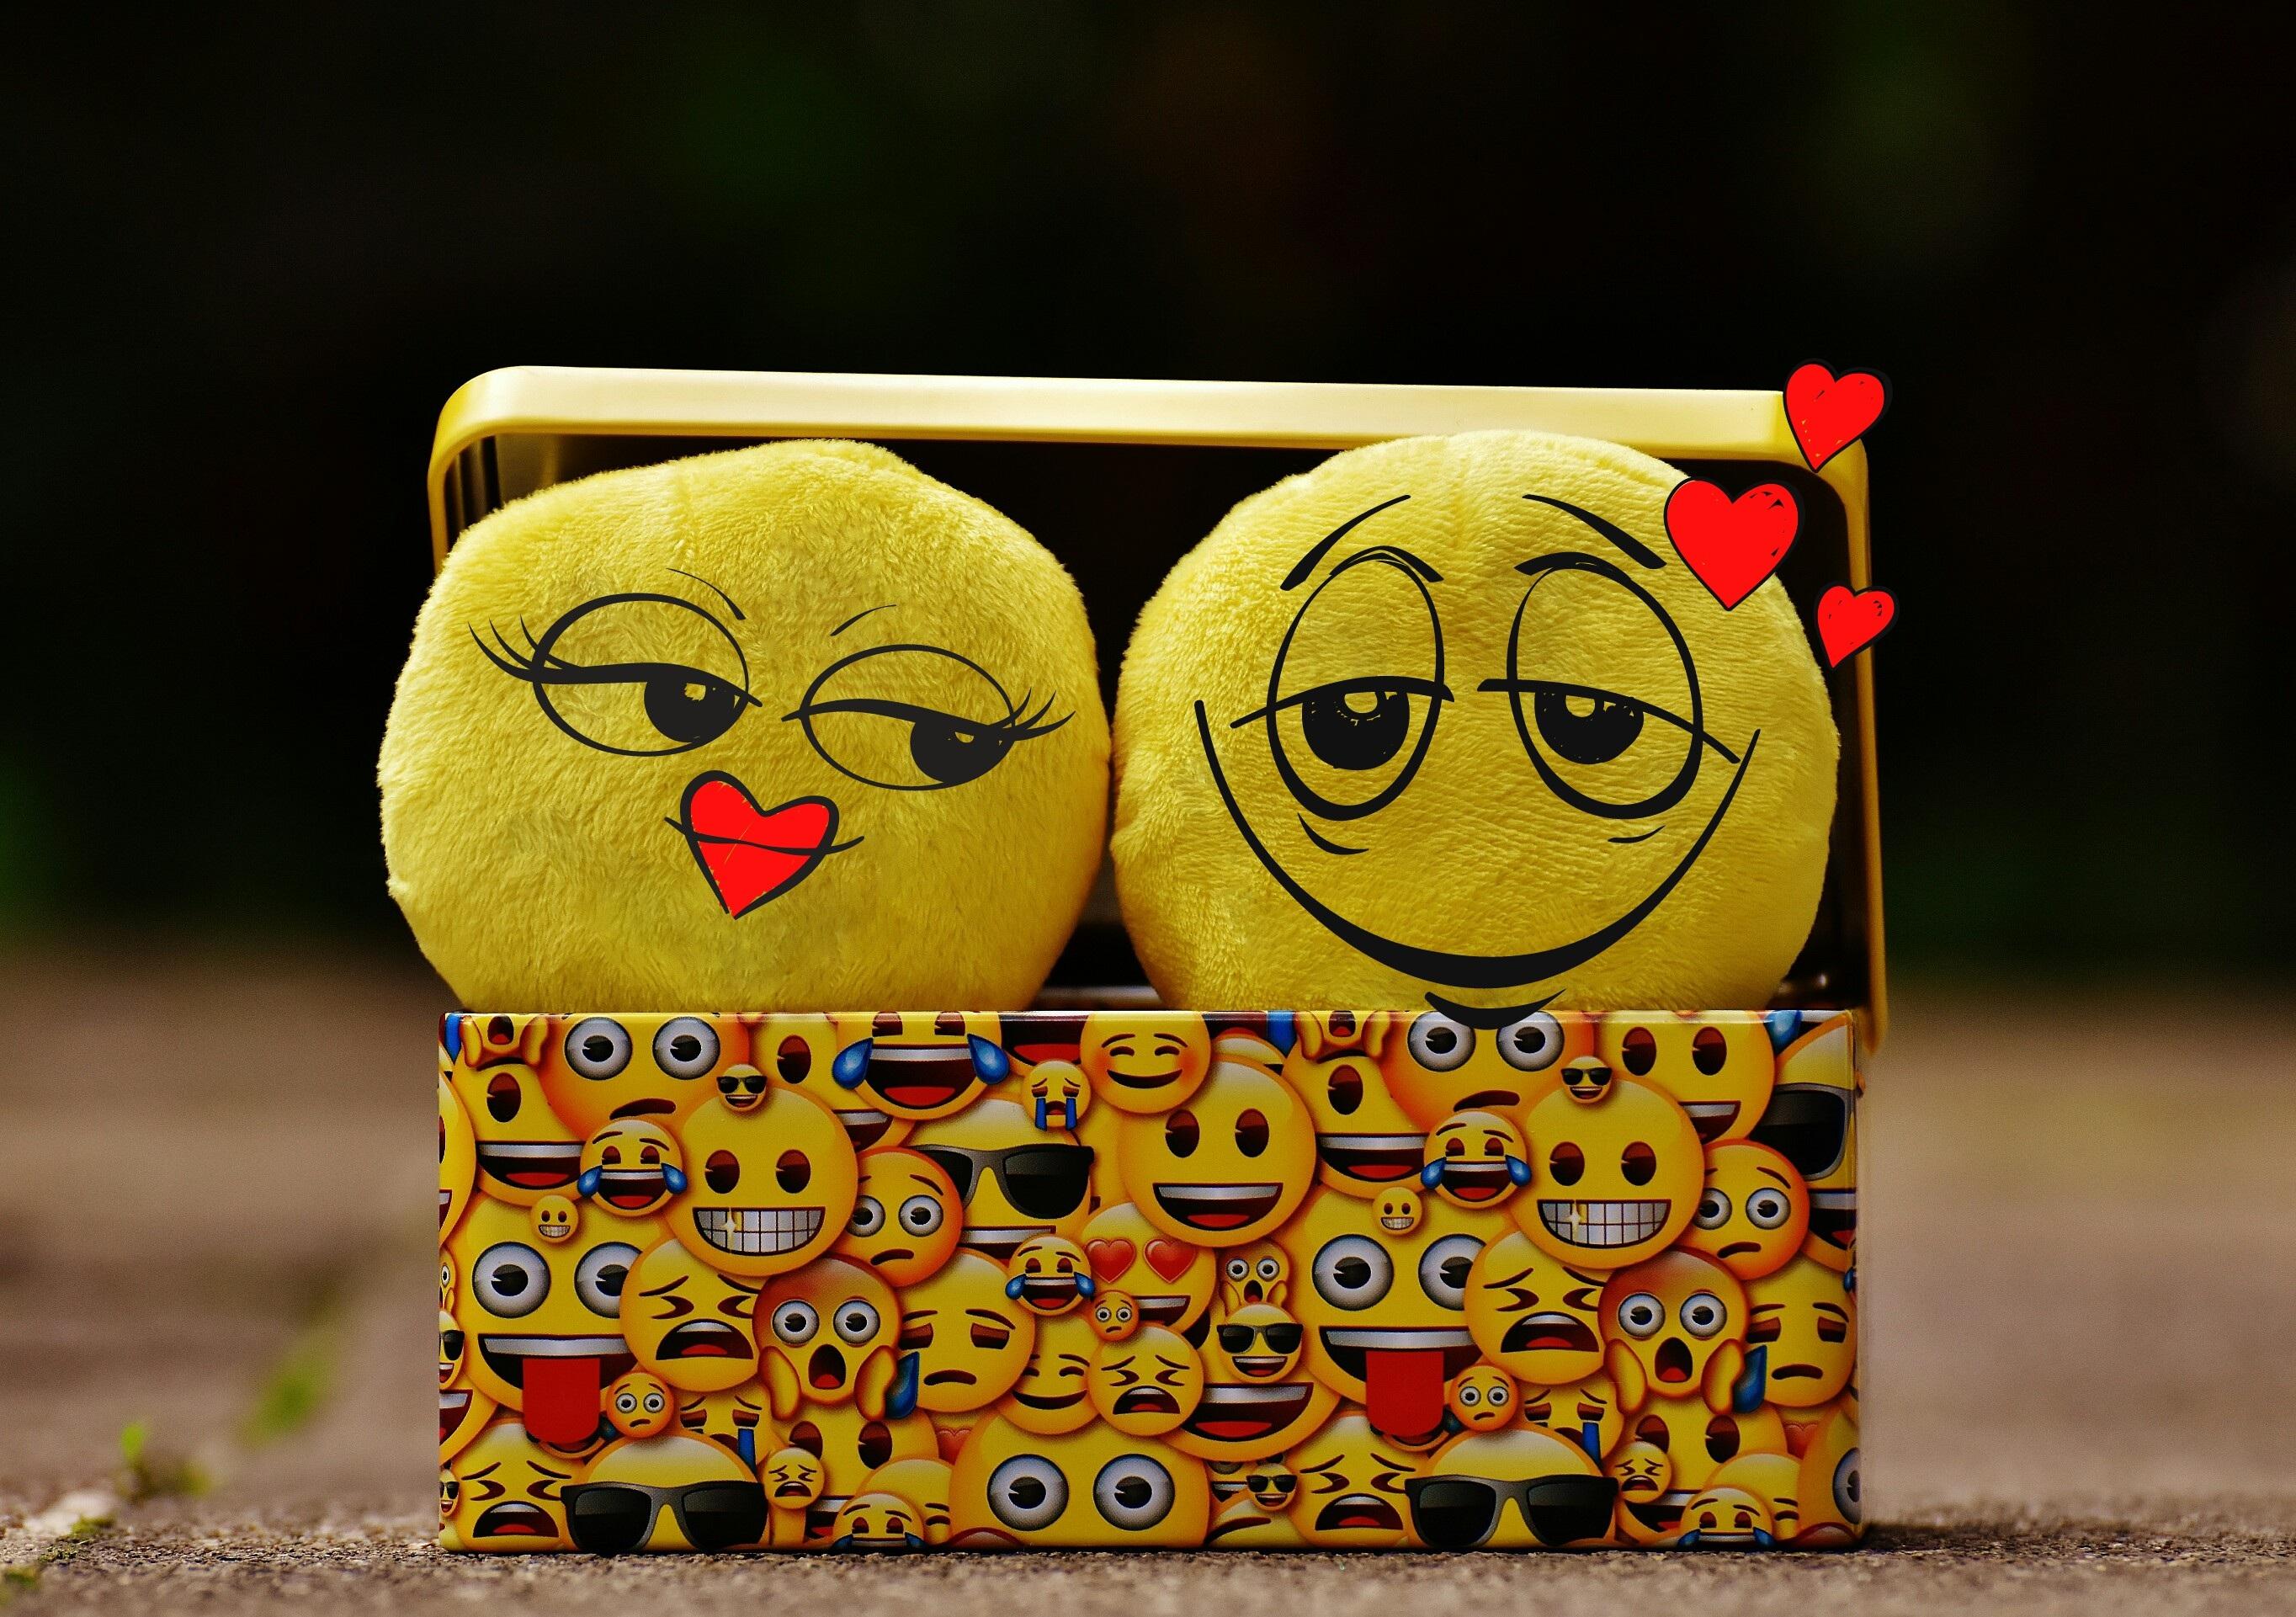 Gambar Cinta Percintaan Kuning Bersama Mainan Kasih